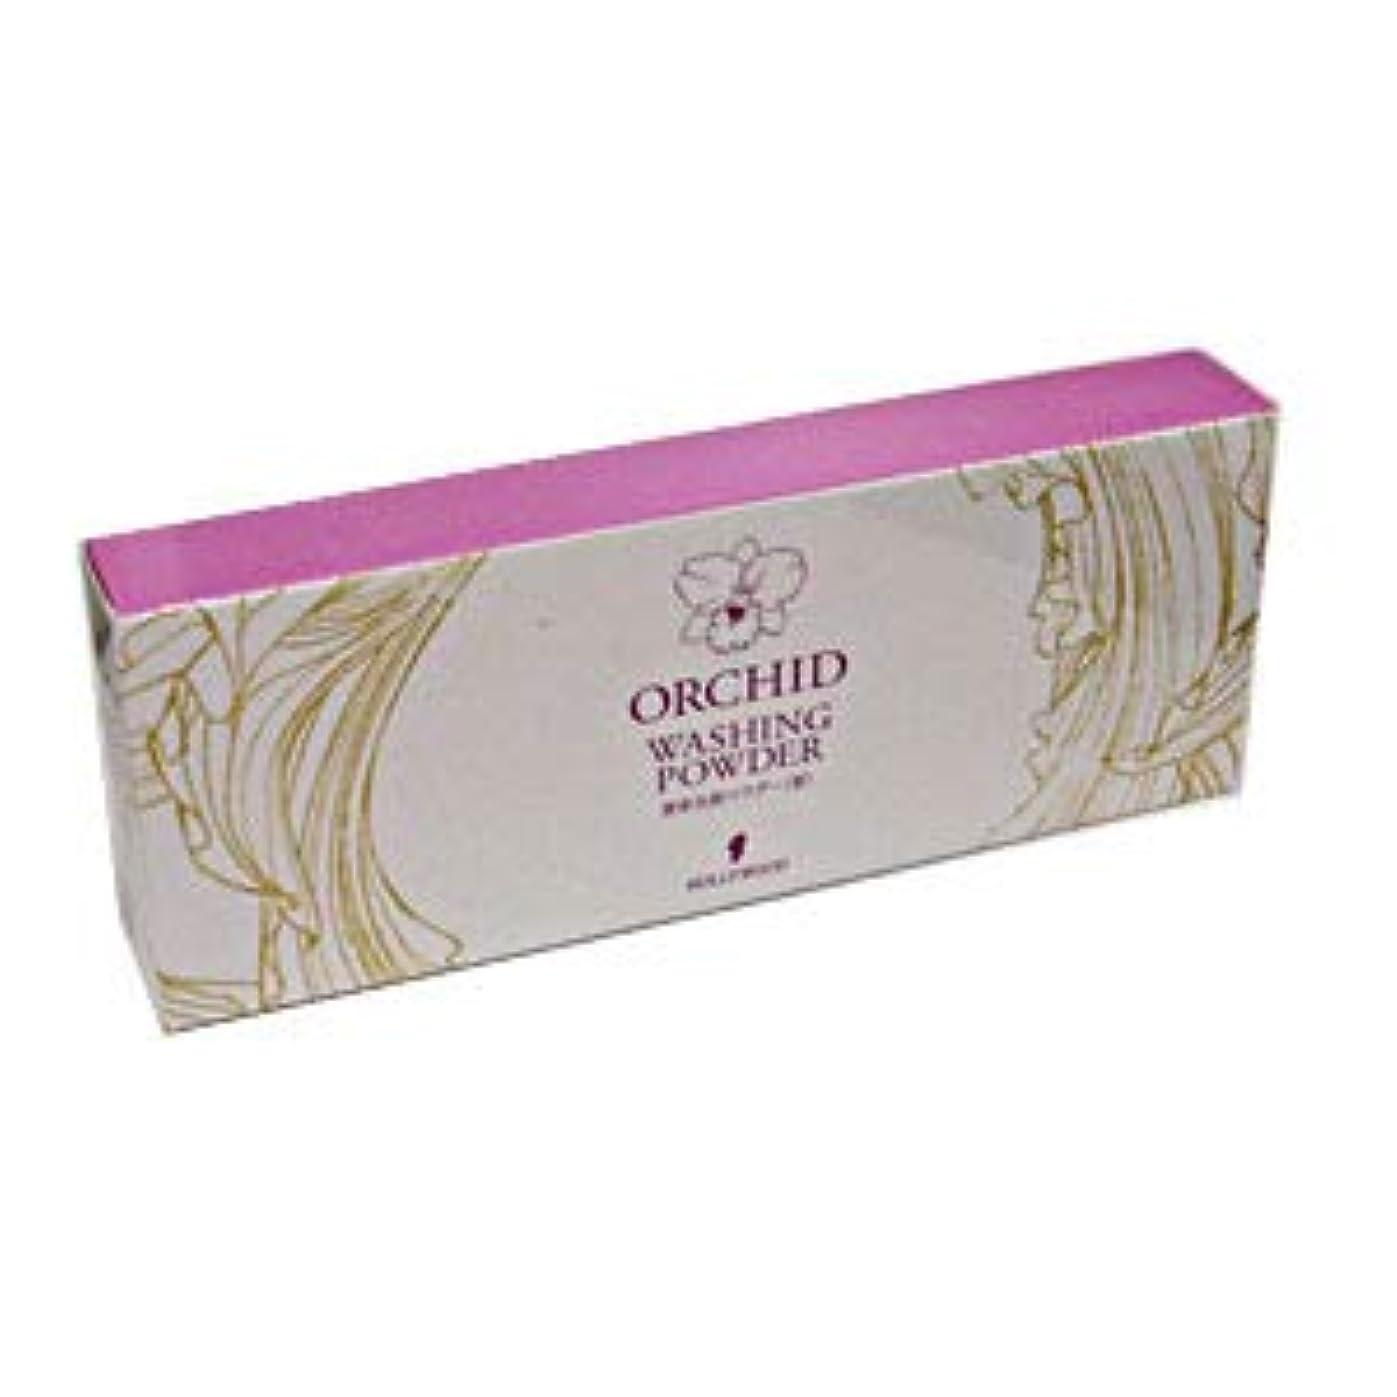 ベーシック抵抗するサンダーハリウッド化粧品 オーキッド 洗顔パウダー 詰替え用 26g×2袋